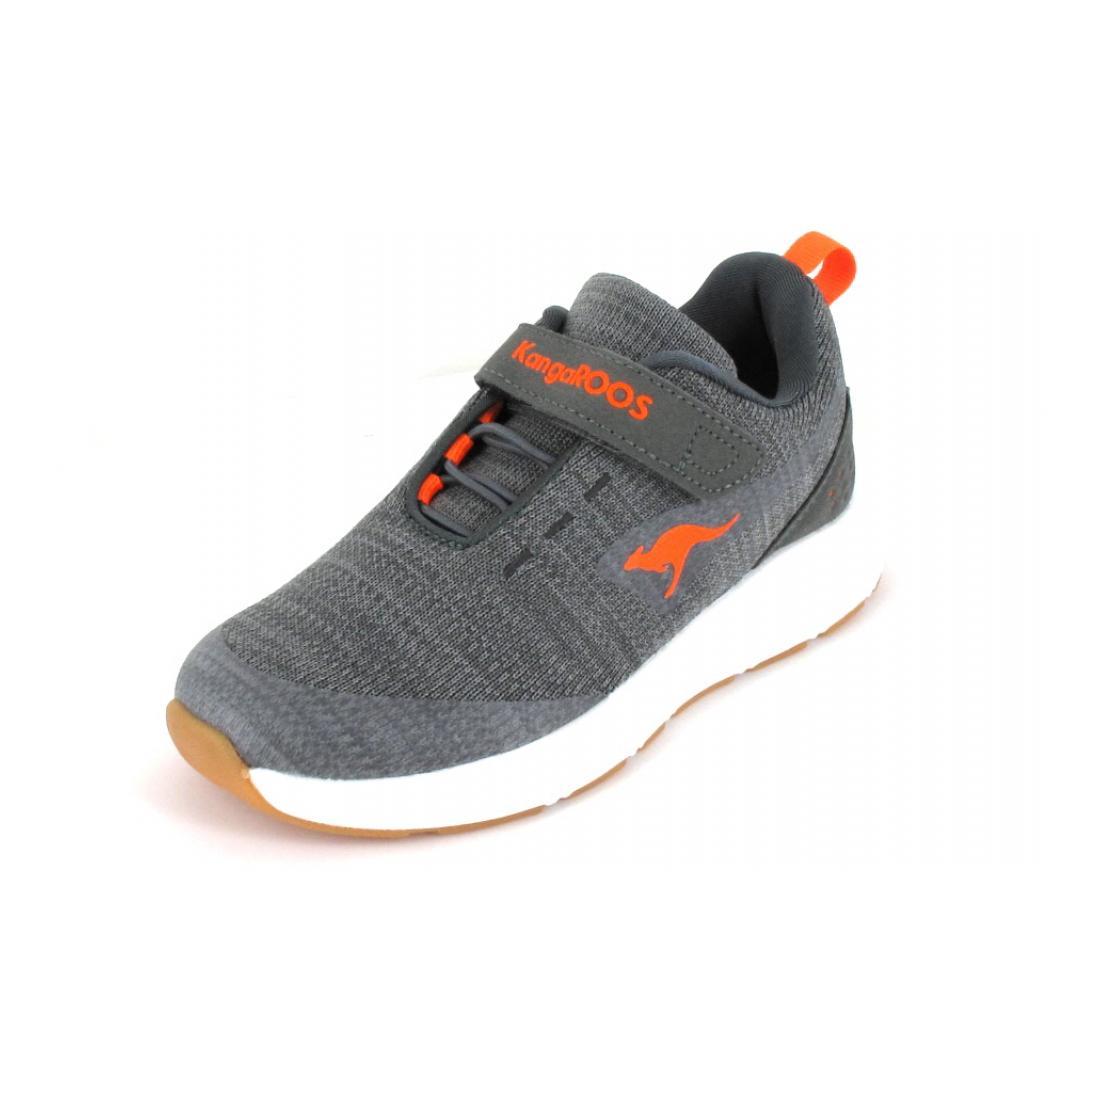 KangaRoos Sneaker KB-HOOK EV